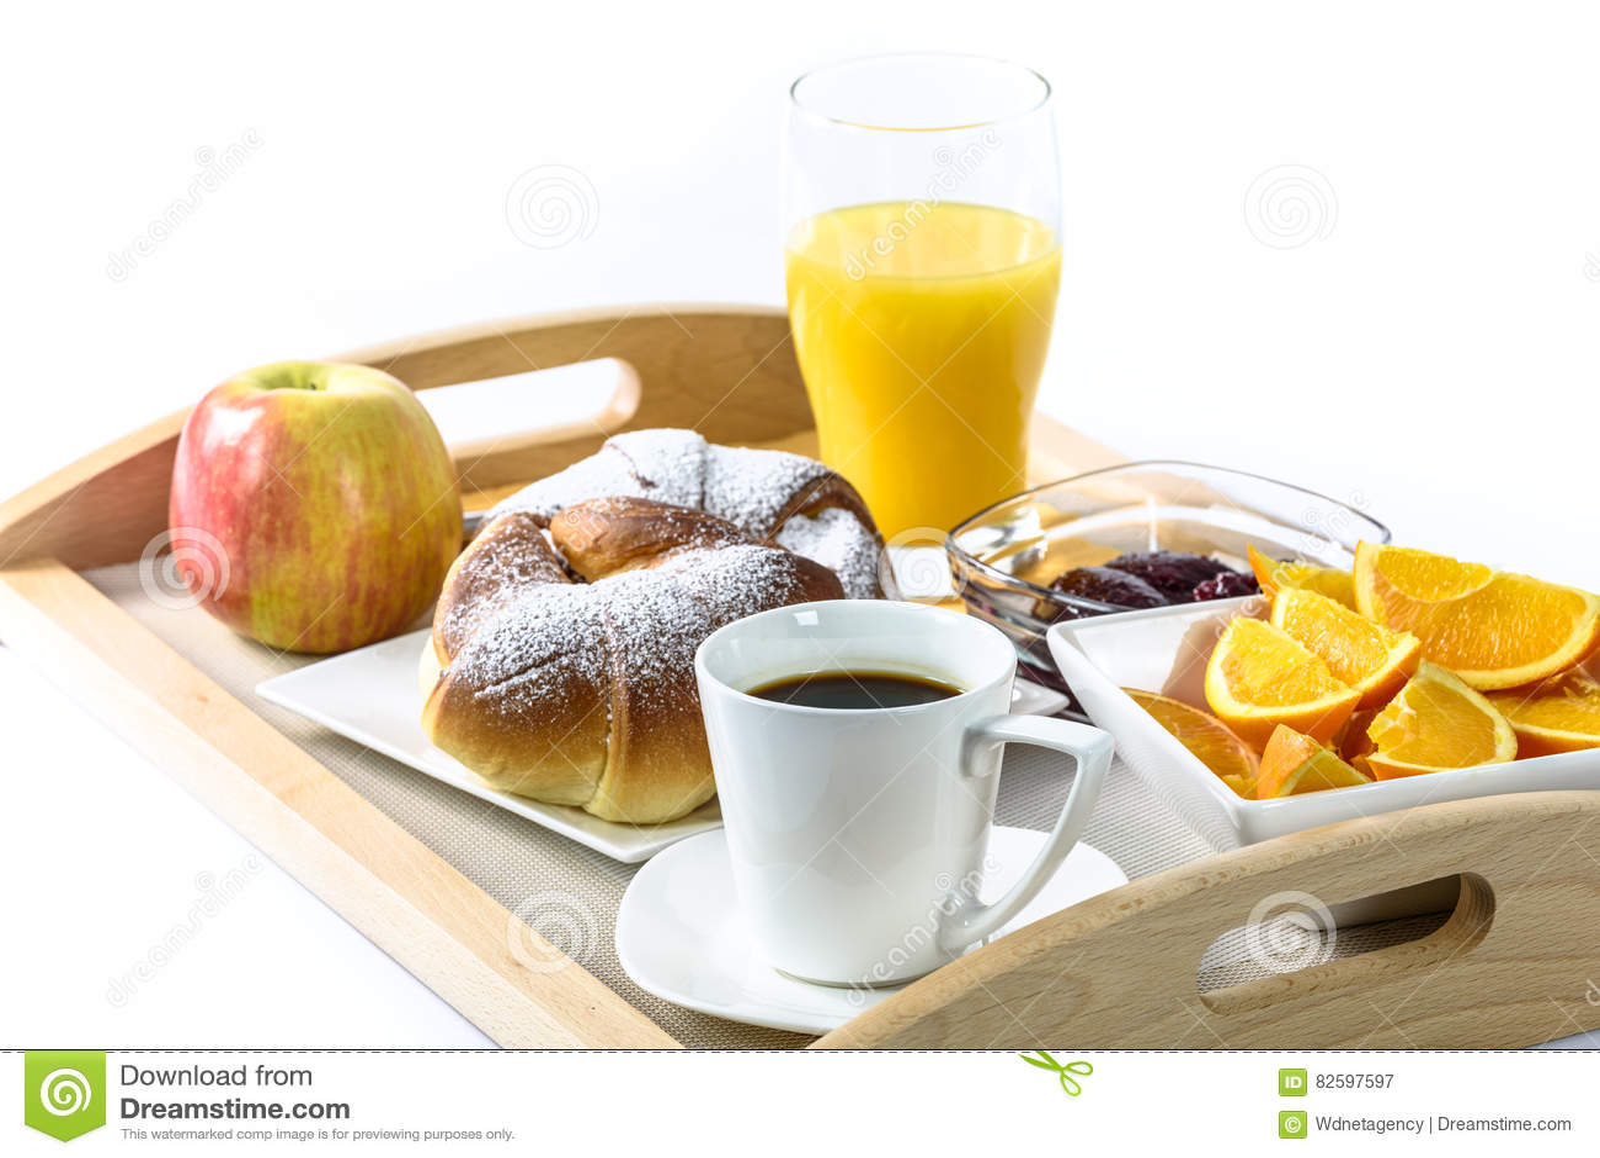 Bandeja del desayuno del hotel foto de archivo imagen - Bandeja desayuno cama ...